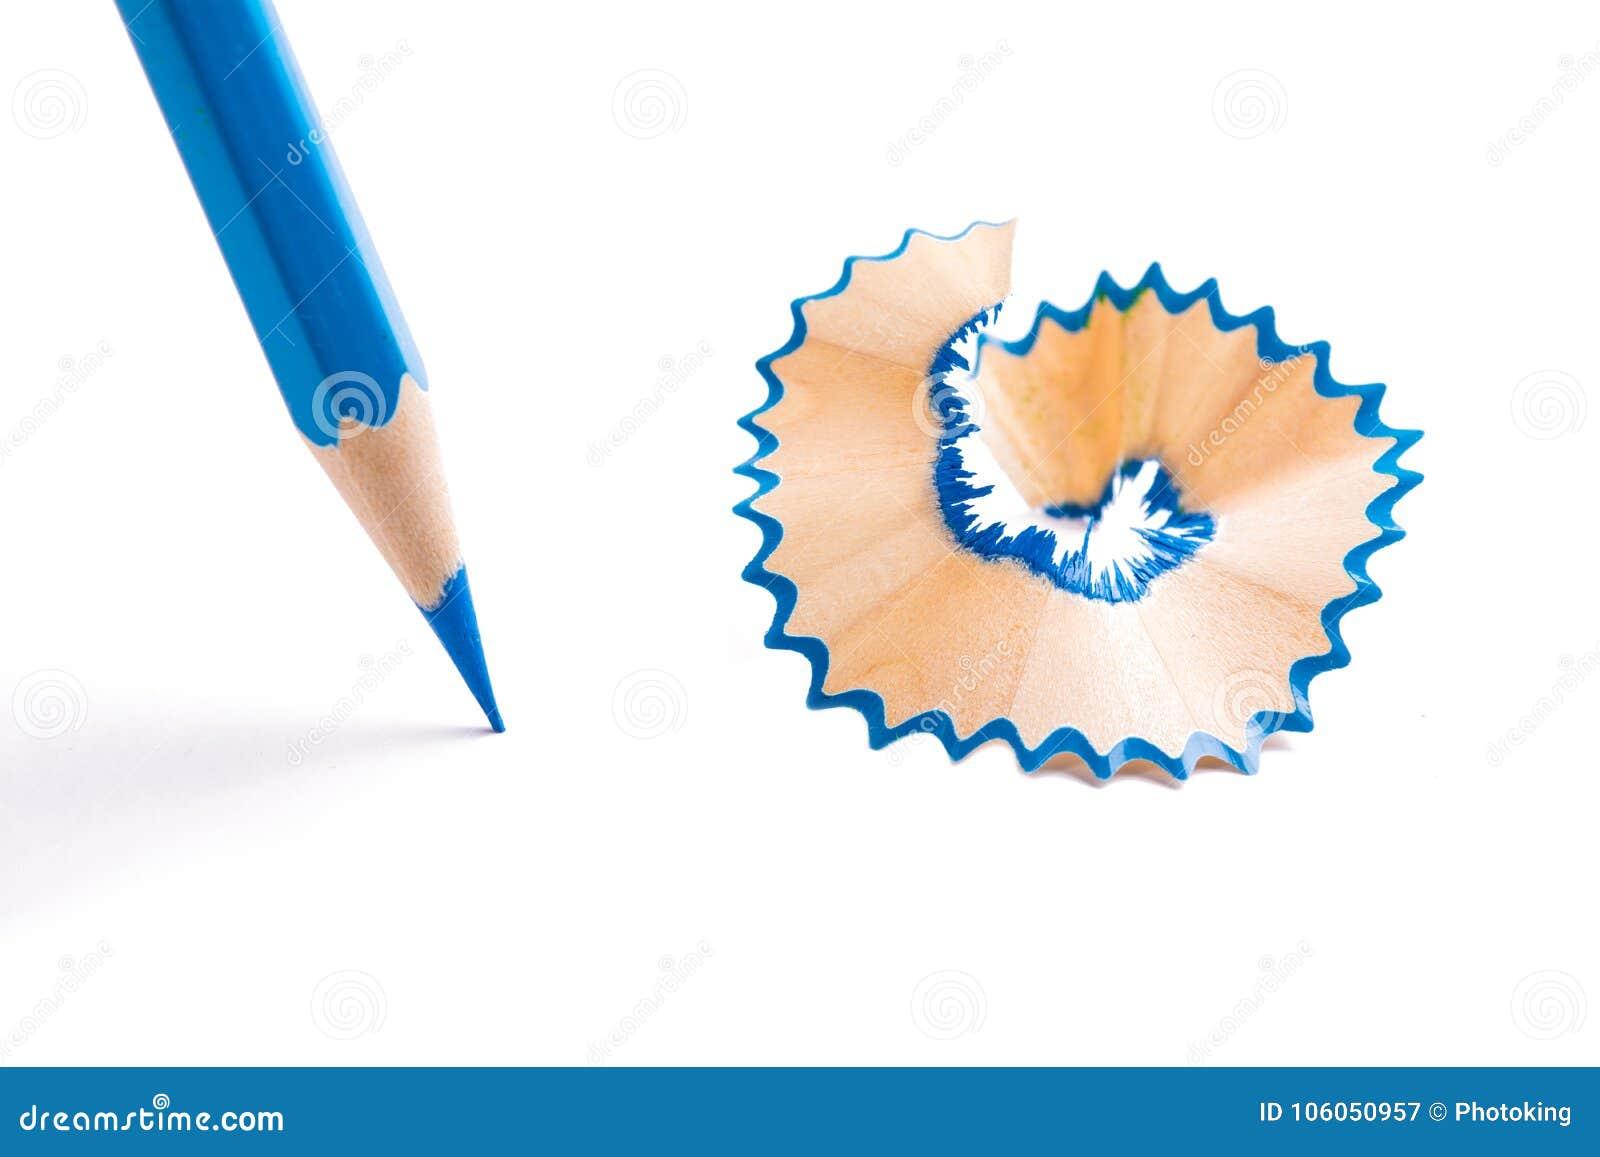 Blue Color pencil